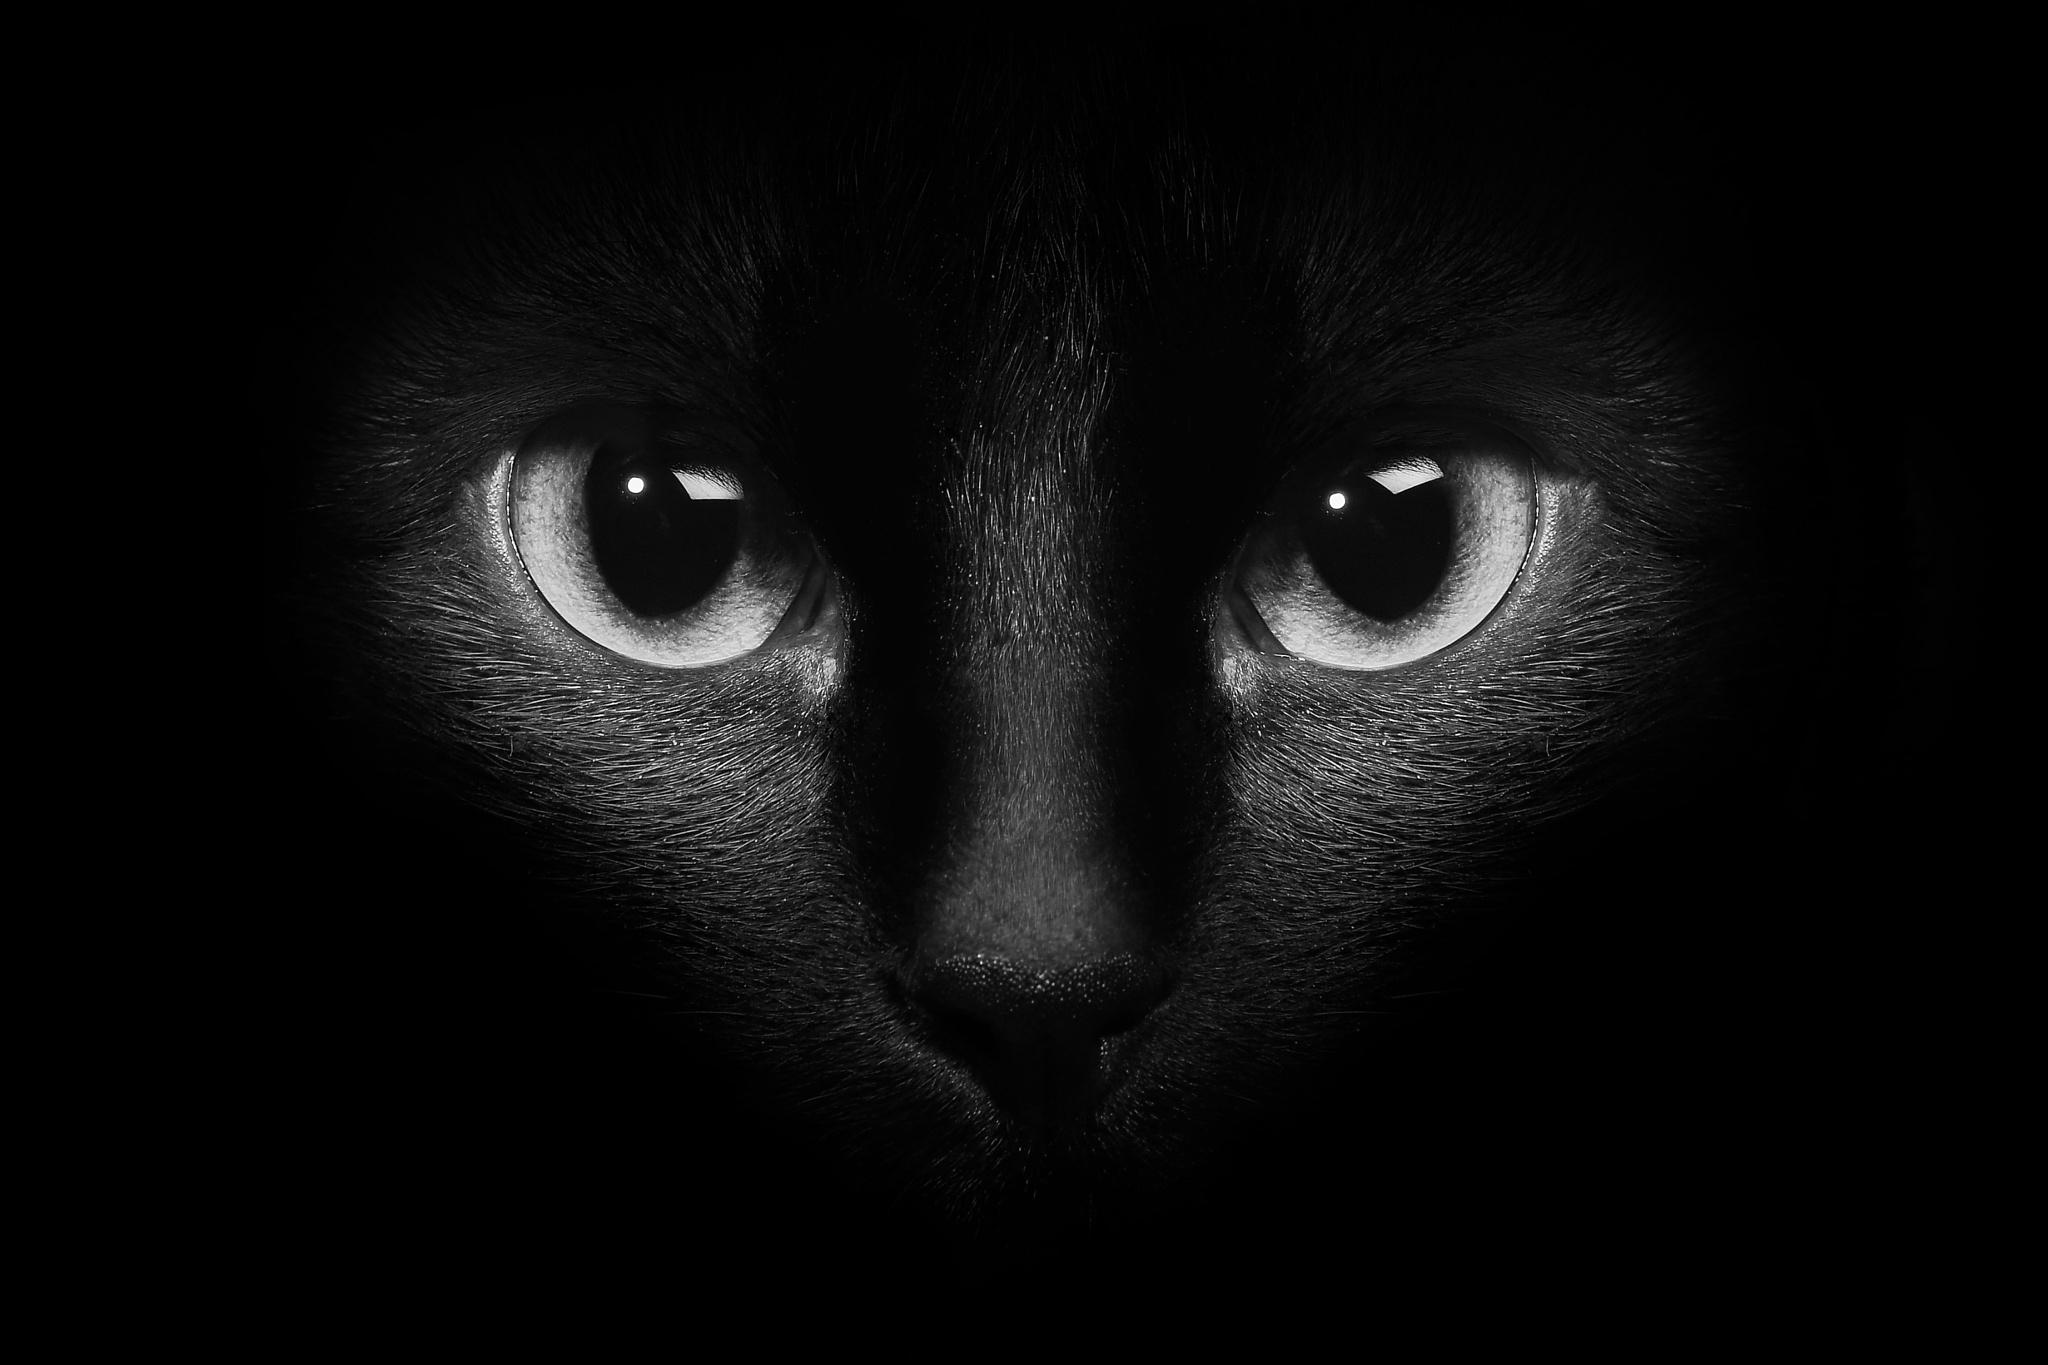 обои на рабочий стол глаза кошки на темном фоне № 237937  скачать